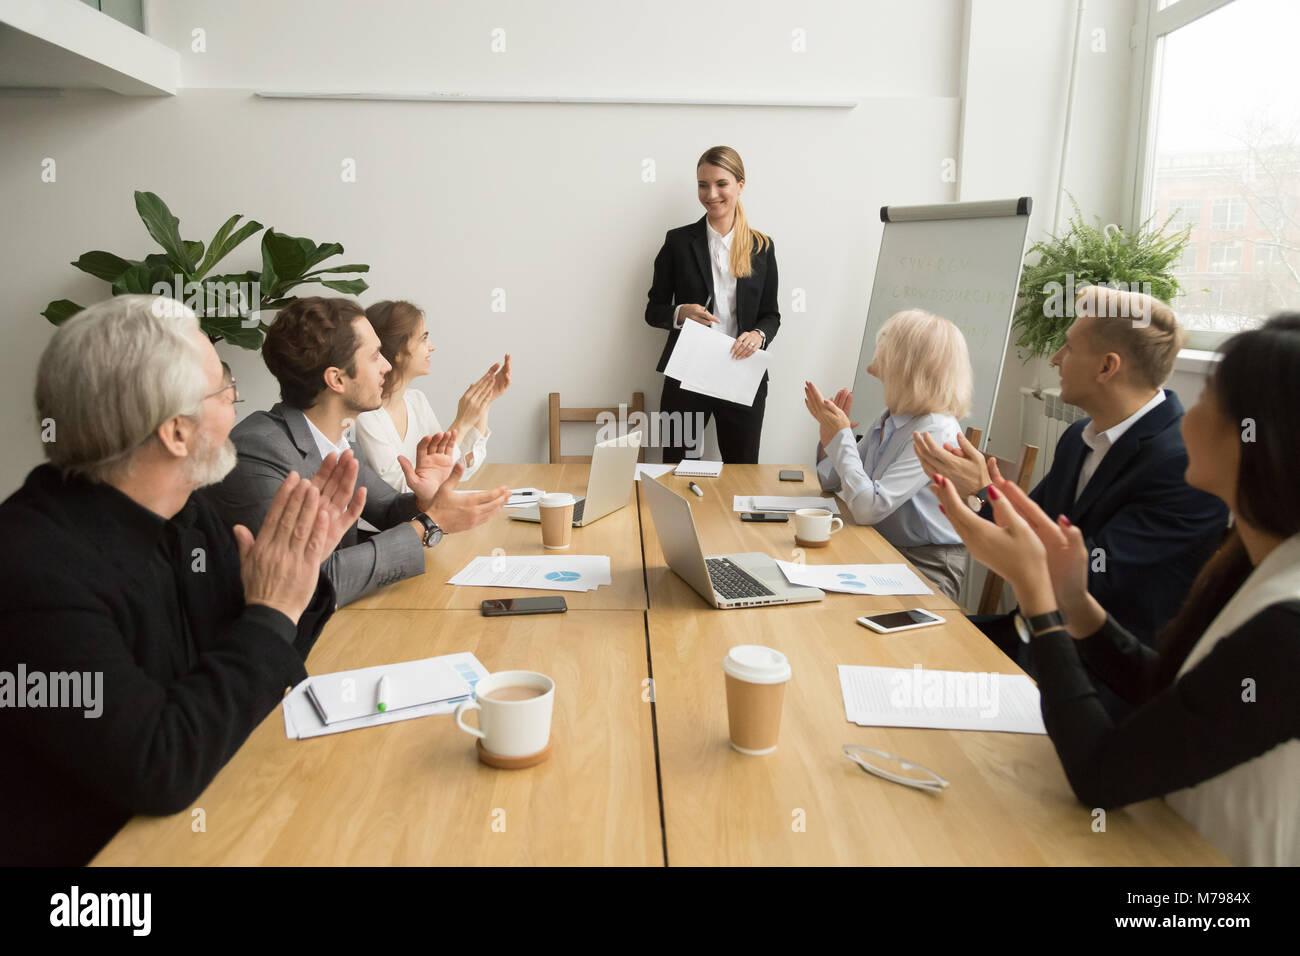 Gruppe von Geschäftsleuten applaudieren, team leader nach presentatio Stockbild